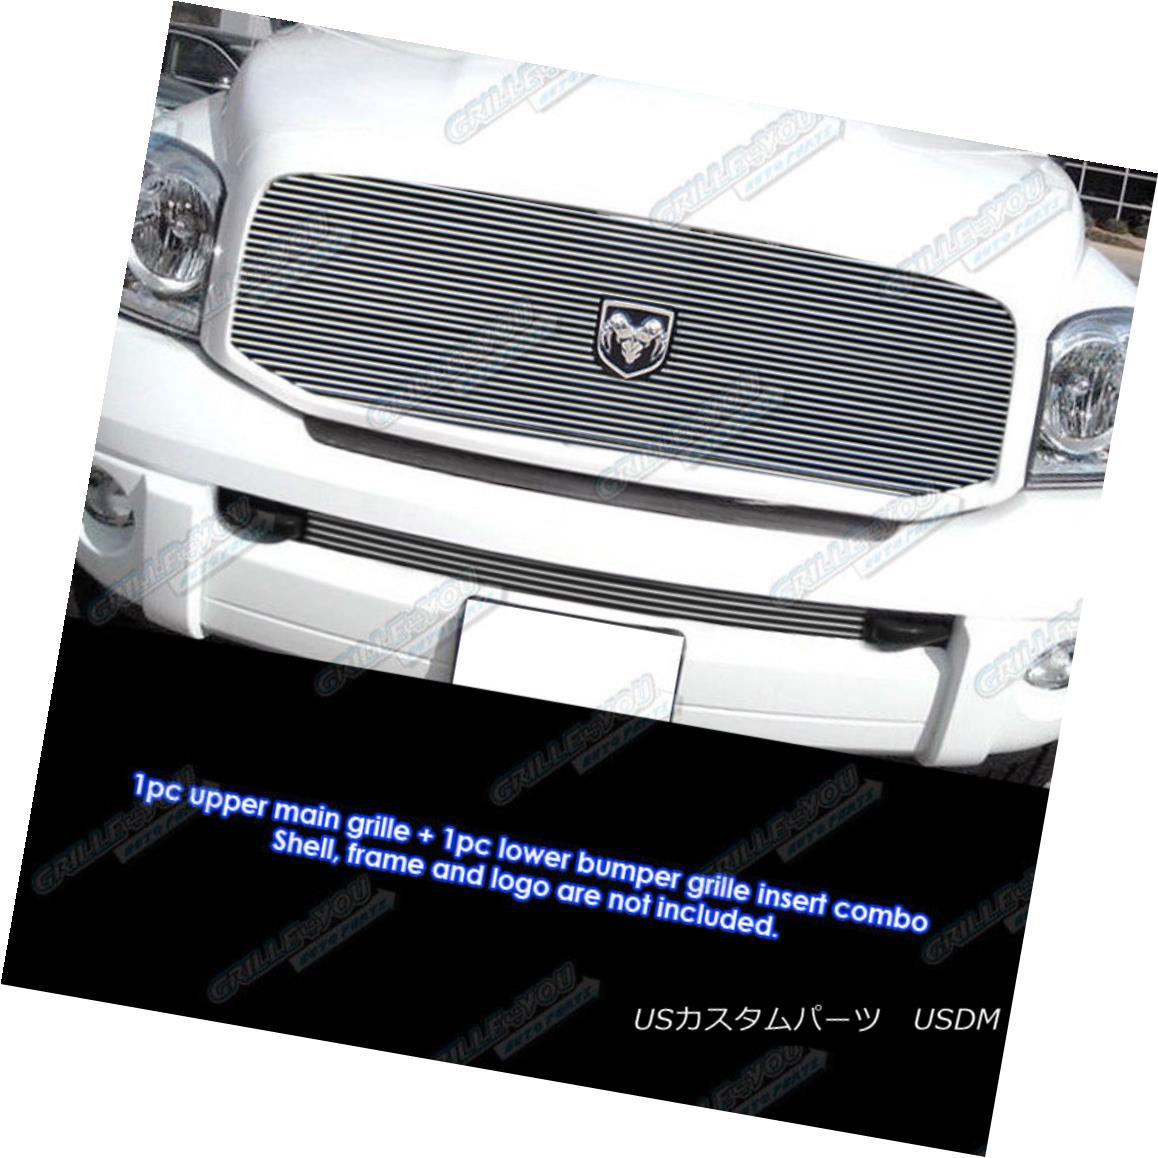 グリル Fits 2006-2008 Dodge Ram Pickup Billet Grille Combo フィット2006-2008ダッジラムピックアップビレットグリルコンボ